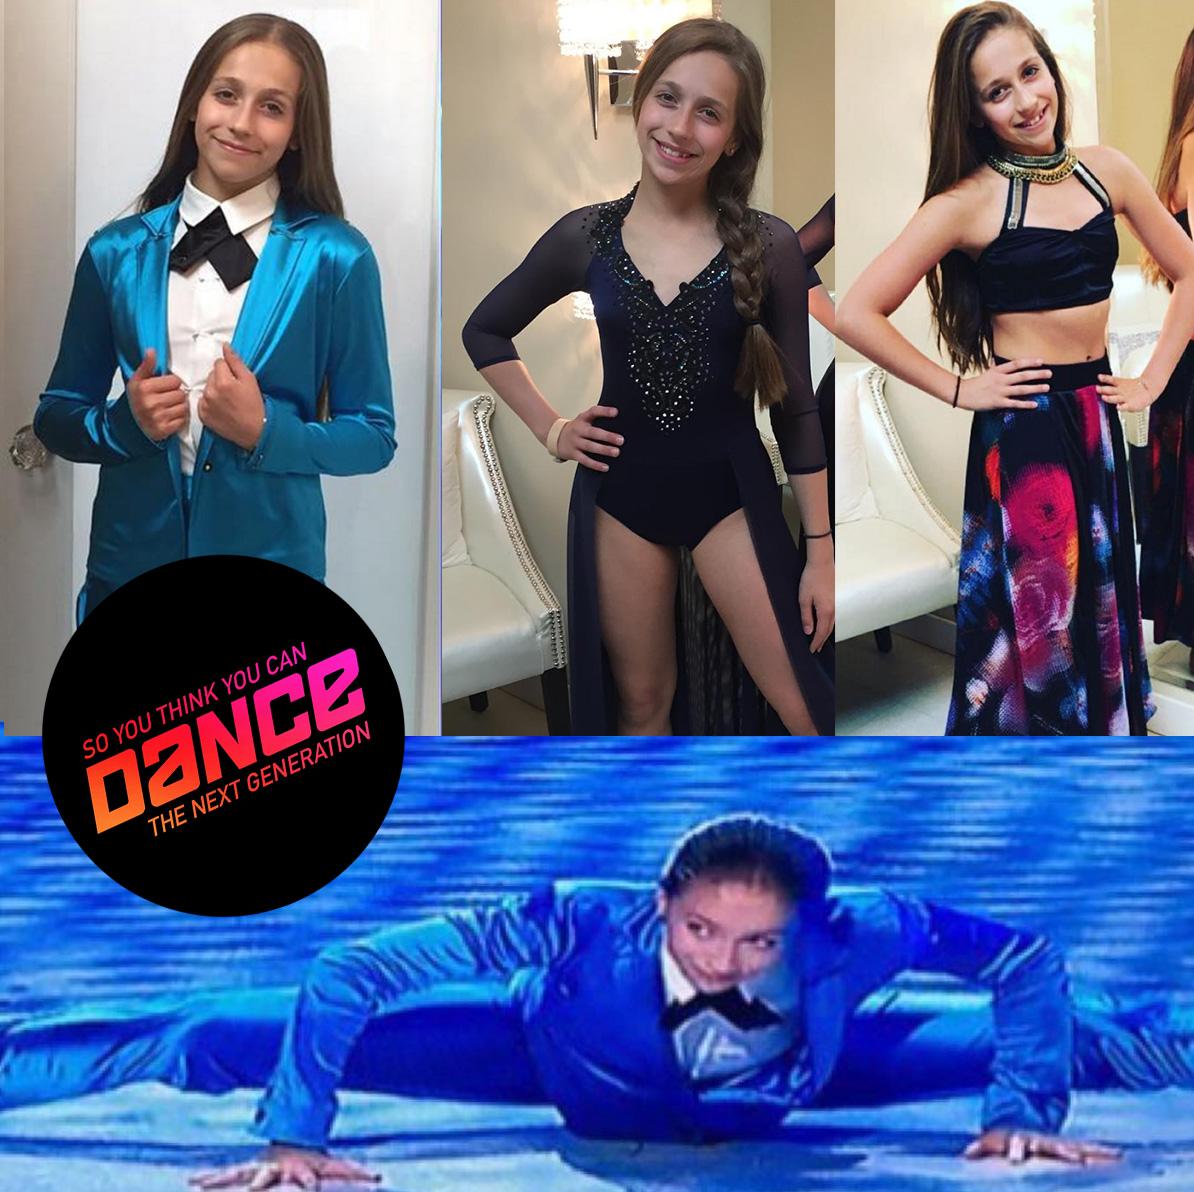 Calgary Okotoks dance  costumes